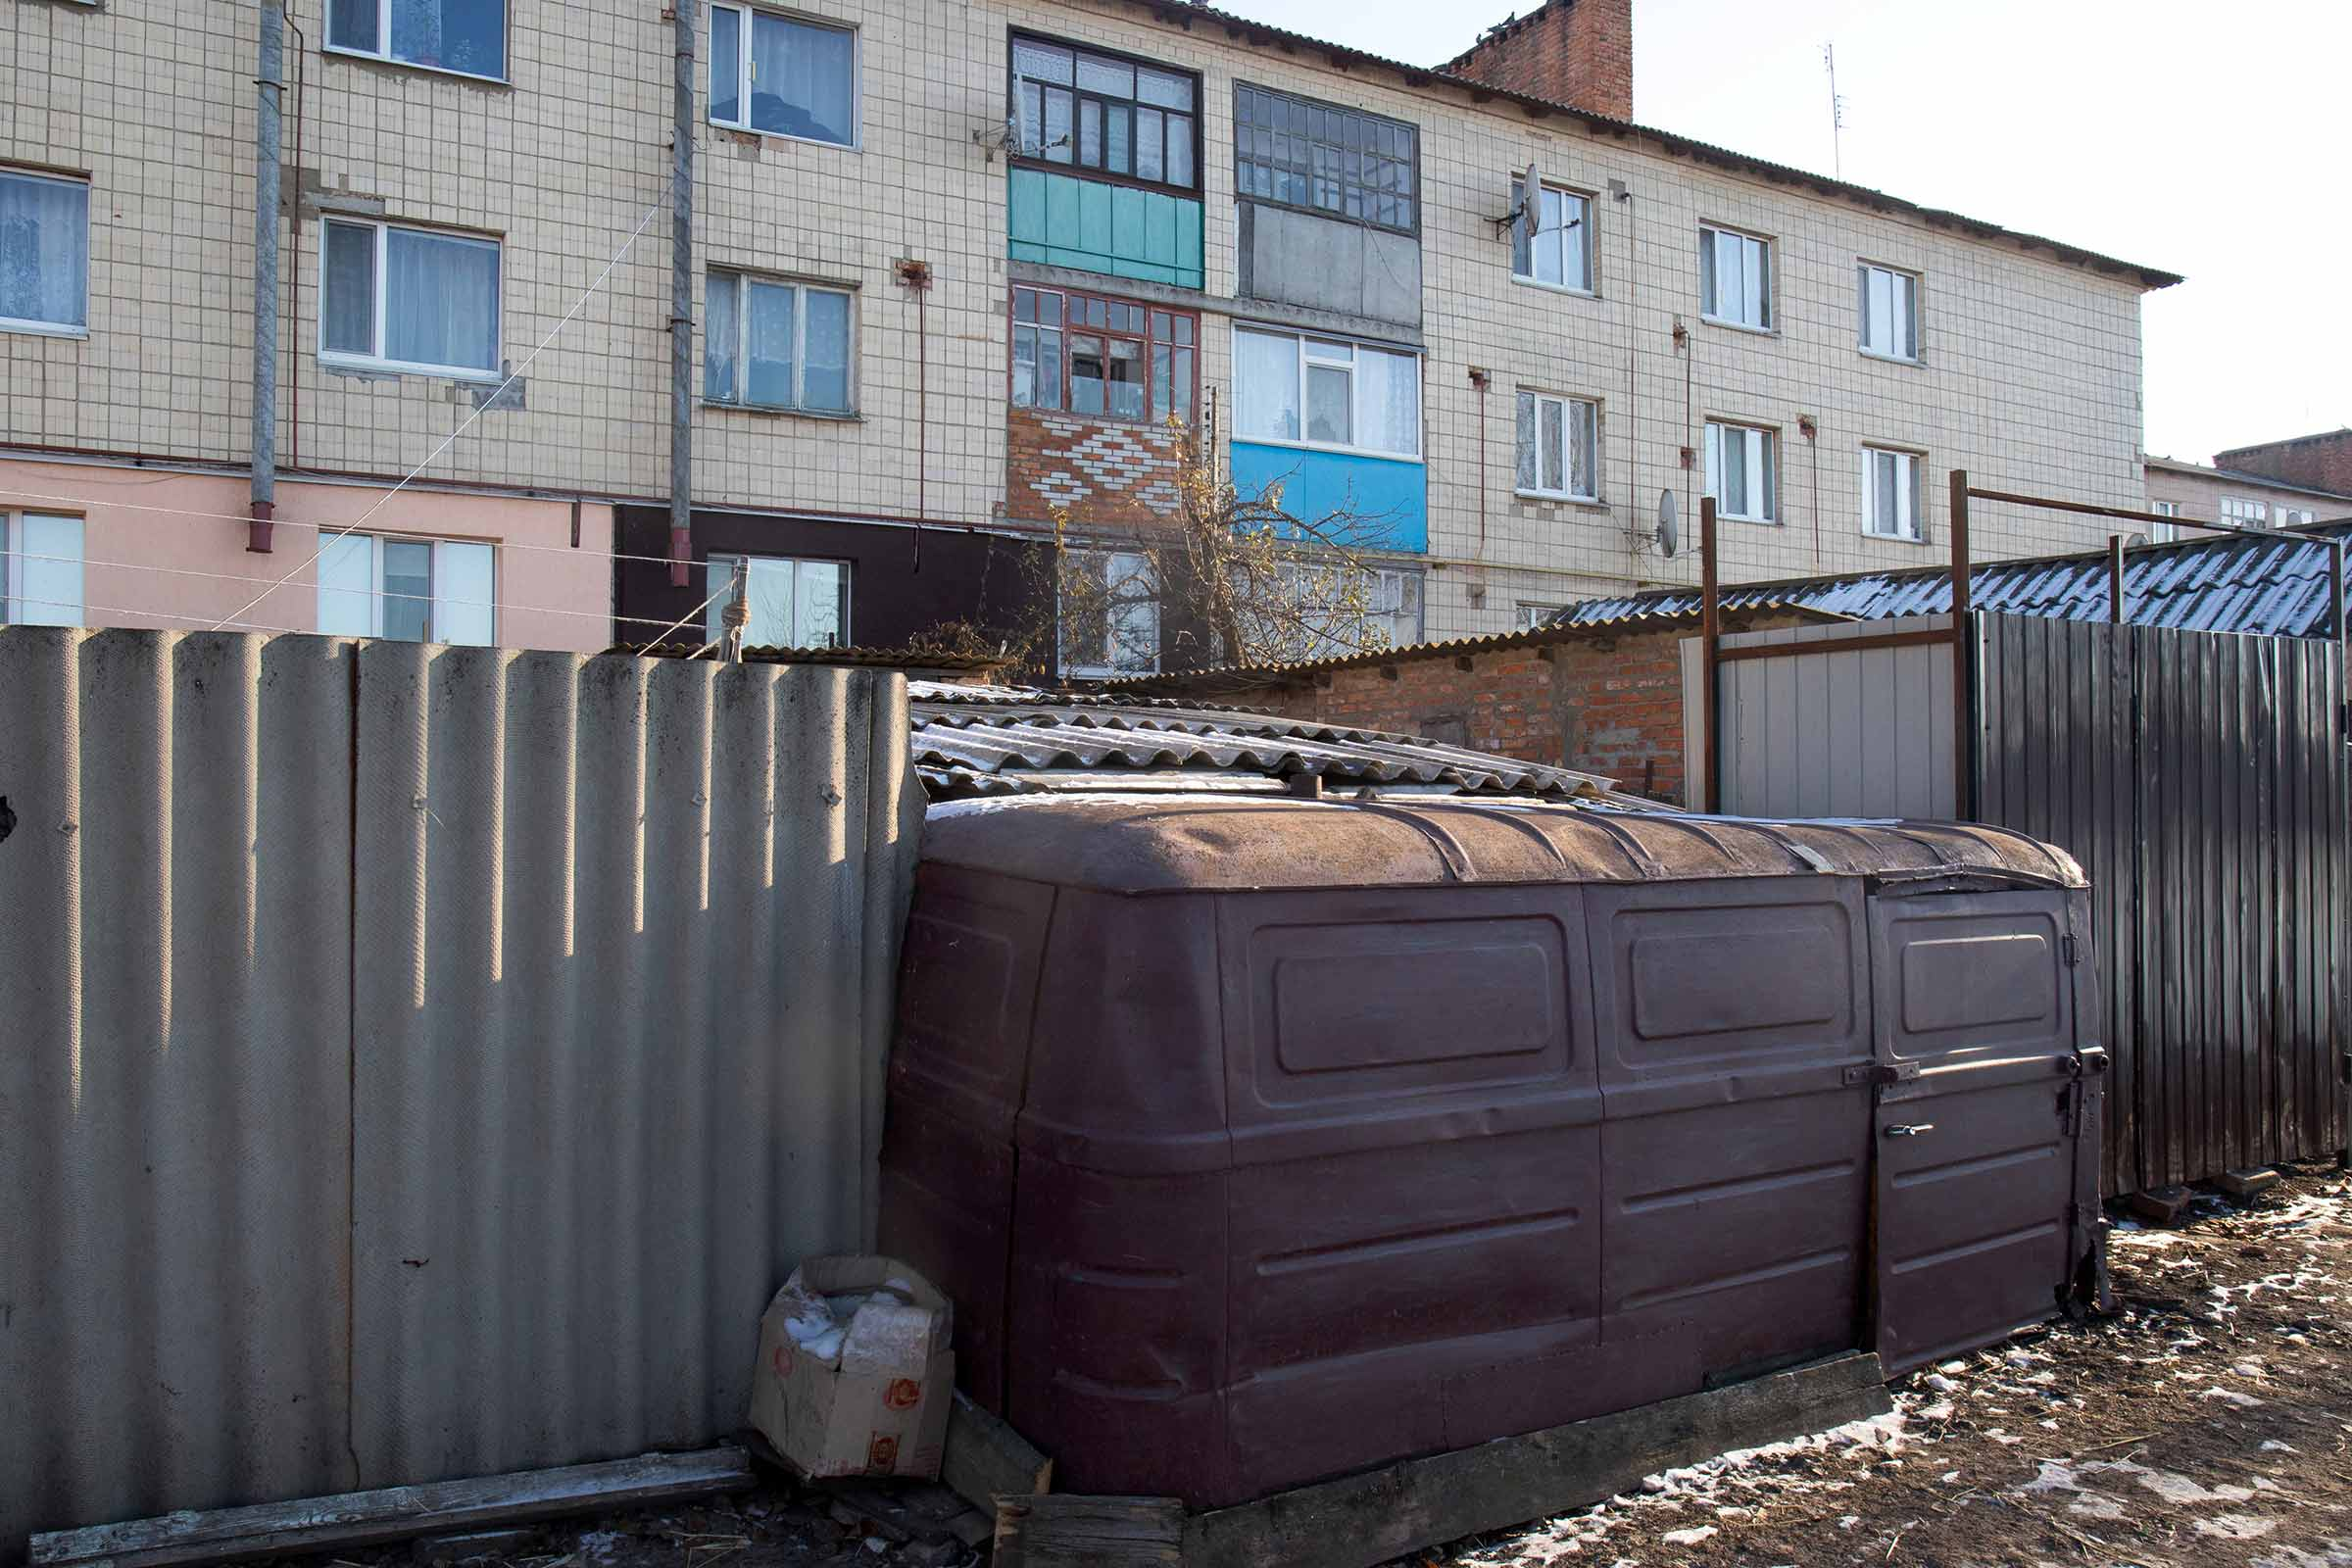 eksperymentalni sela 04 - <b>Соціальний експеримент над селянами.</b> Навіщо в СРСР із села хотіли зробити місто - Заборона